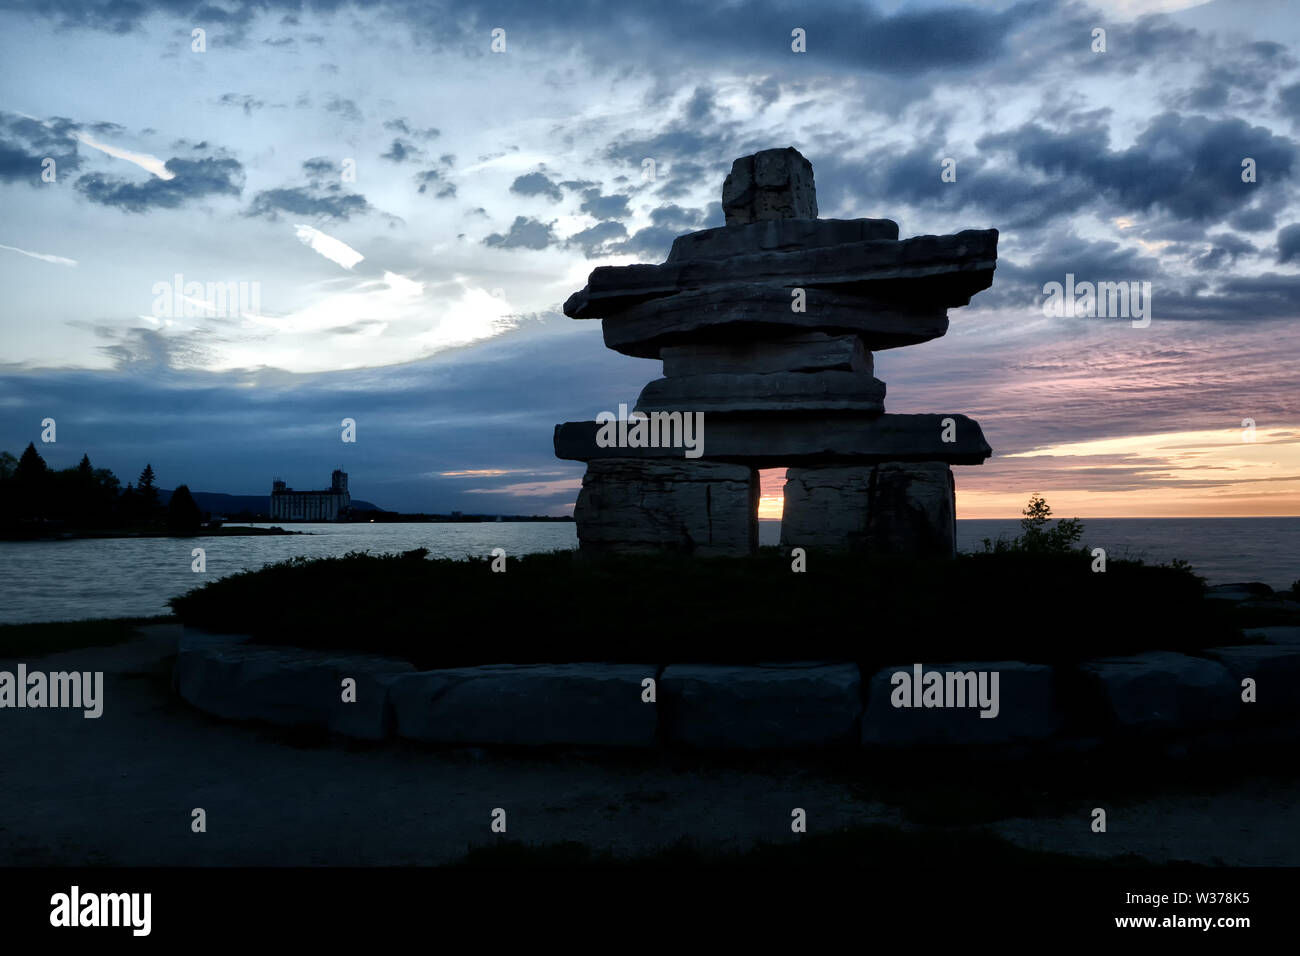 Canada Ontario Collingwood, Inukshuk à Sunset point au coucher du soleil, juin 2019, Inushuk Stone Landmark, nous étions ici, Banque D'Images